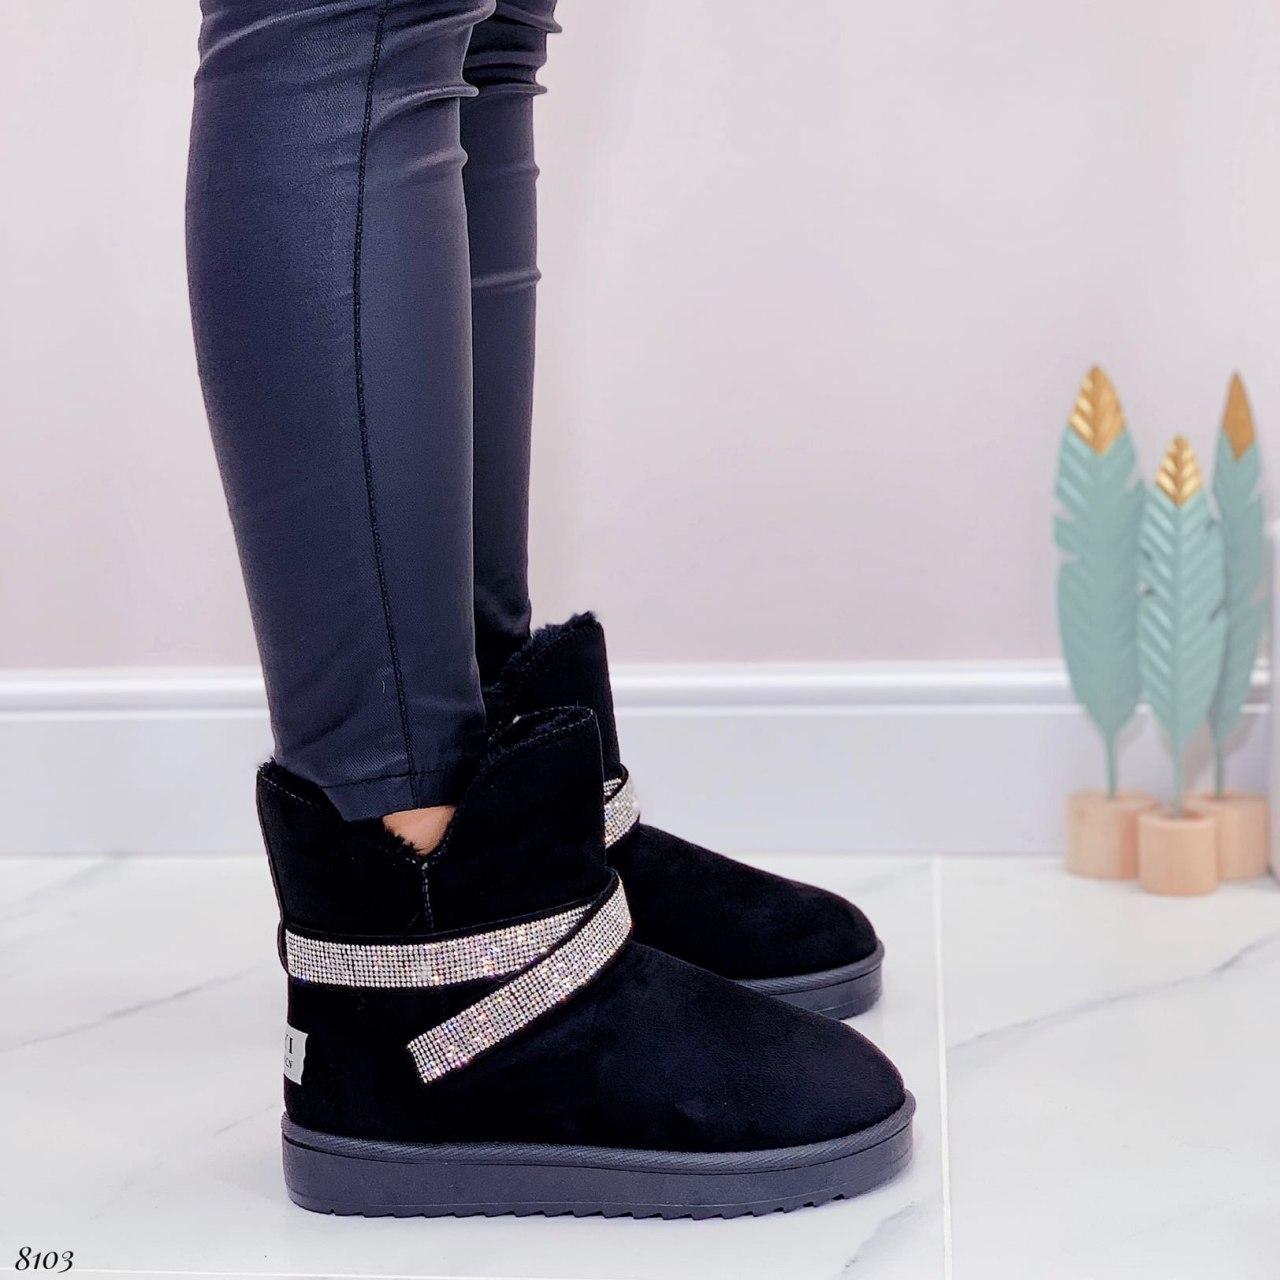 Только на 24 см! Женские угги черные эко - замш /обувной текстиль (замш) высота 13 см